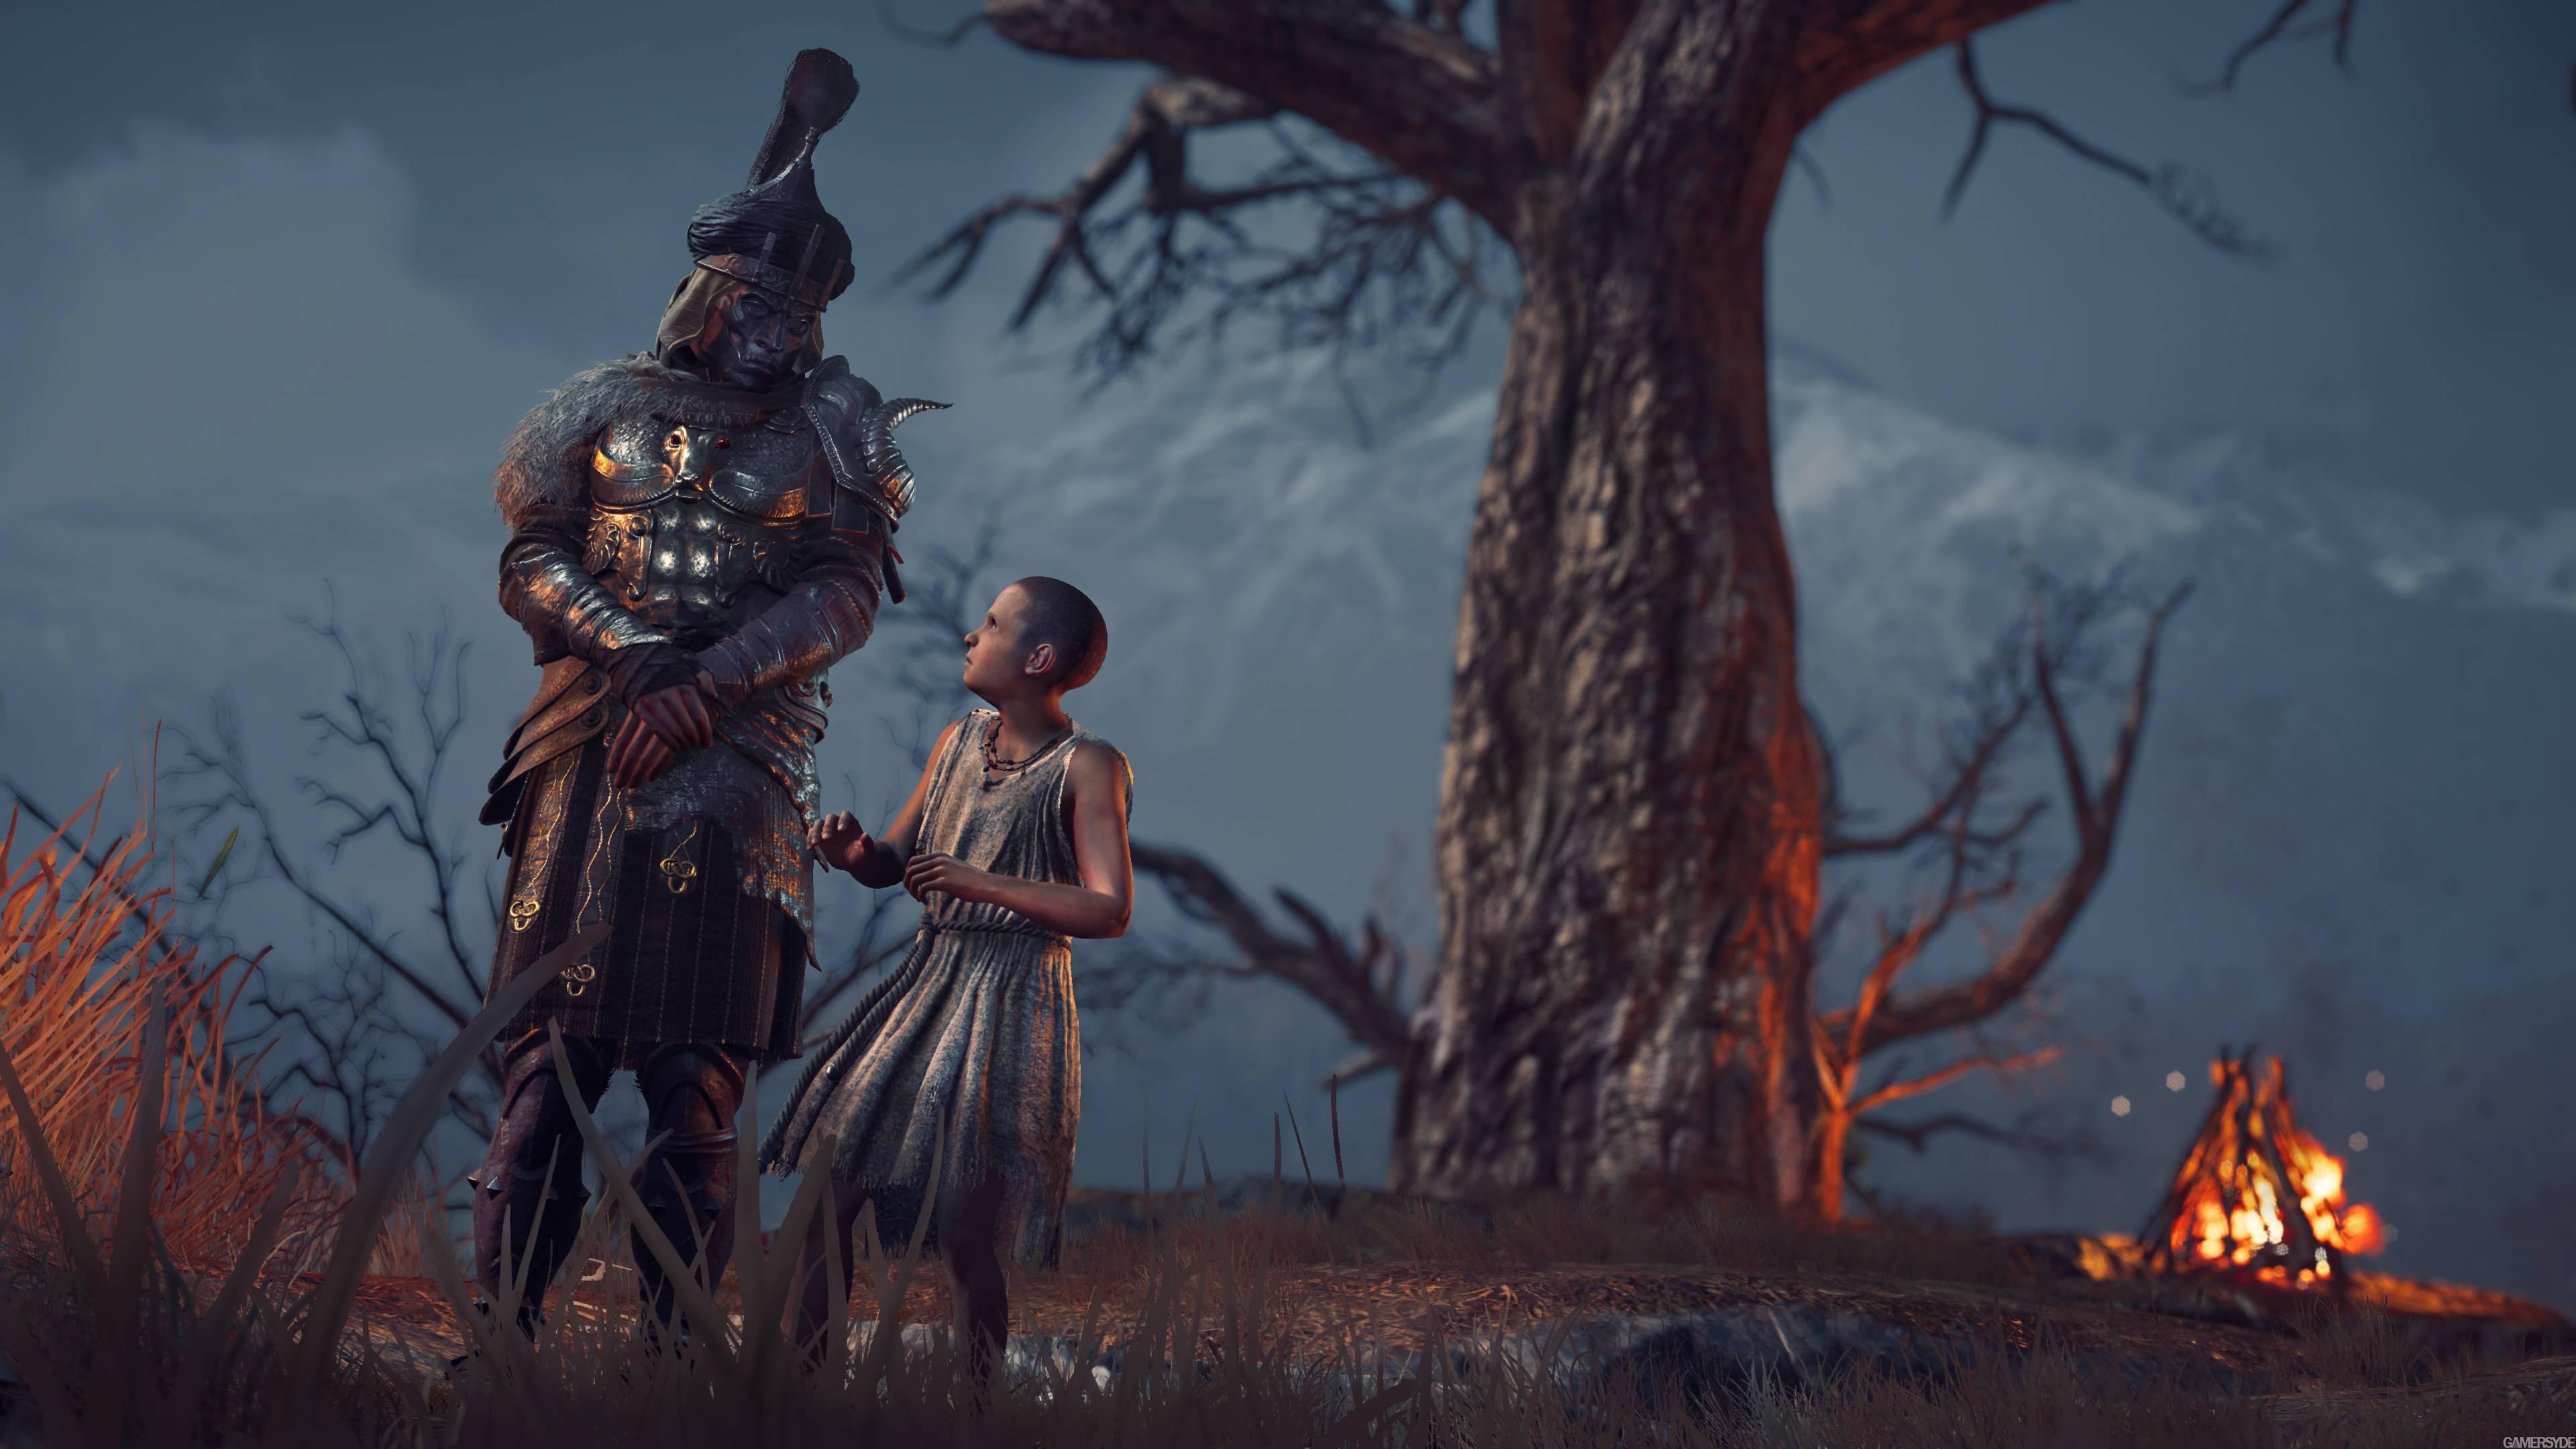 Νέα προσέγγιση για τα DLC από την Ubisoft! - Geekdom News 1